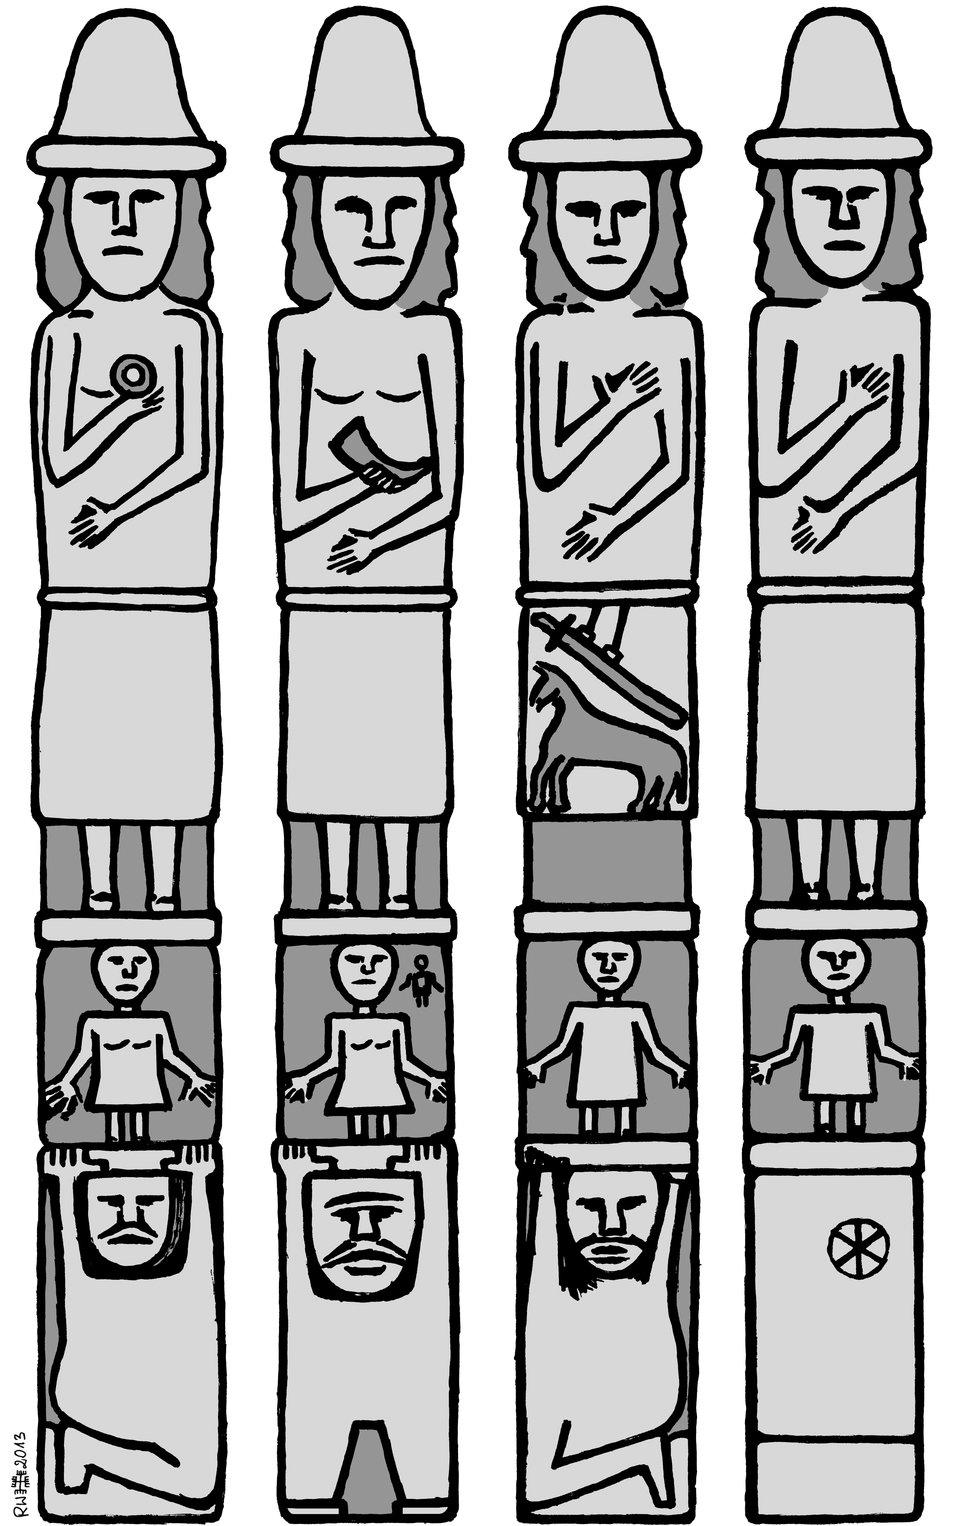 Idol ze Zbrucza Światowid ze Zbrucza - wWidoki posągu ze wszystkich stron. Źródło: Ratomir Wilkowski, Idol ze Zbrucza, rysunek, licencja: CC BY-SA 3.0.